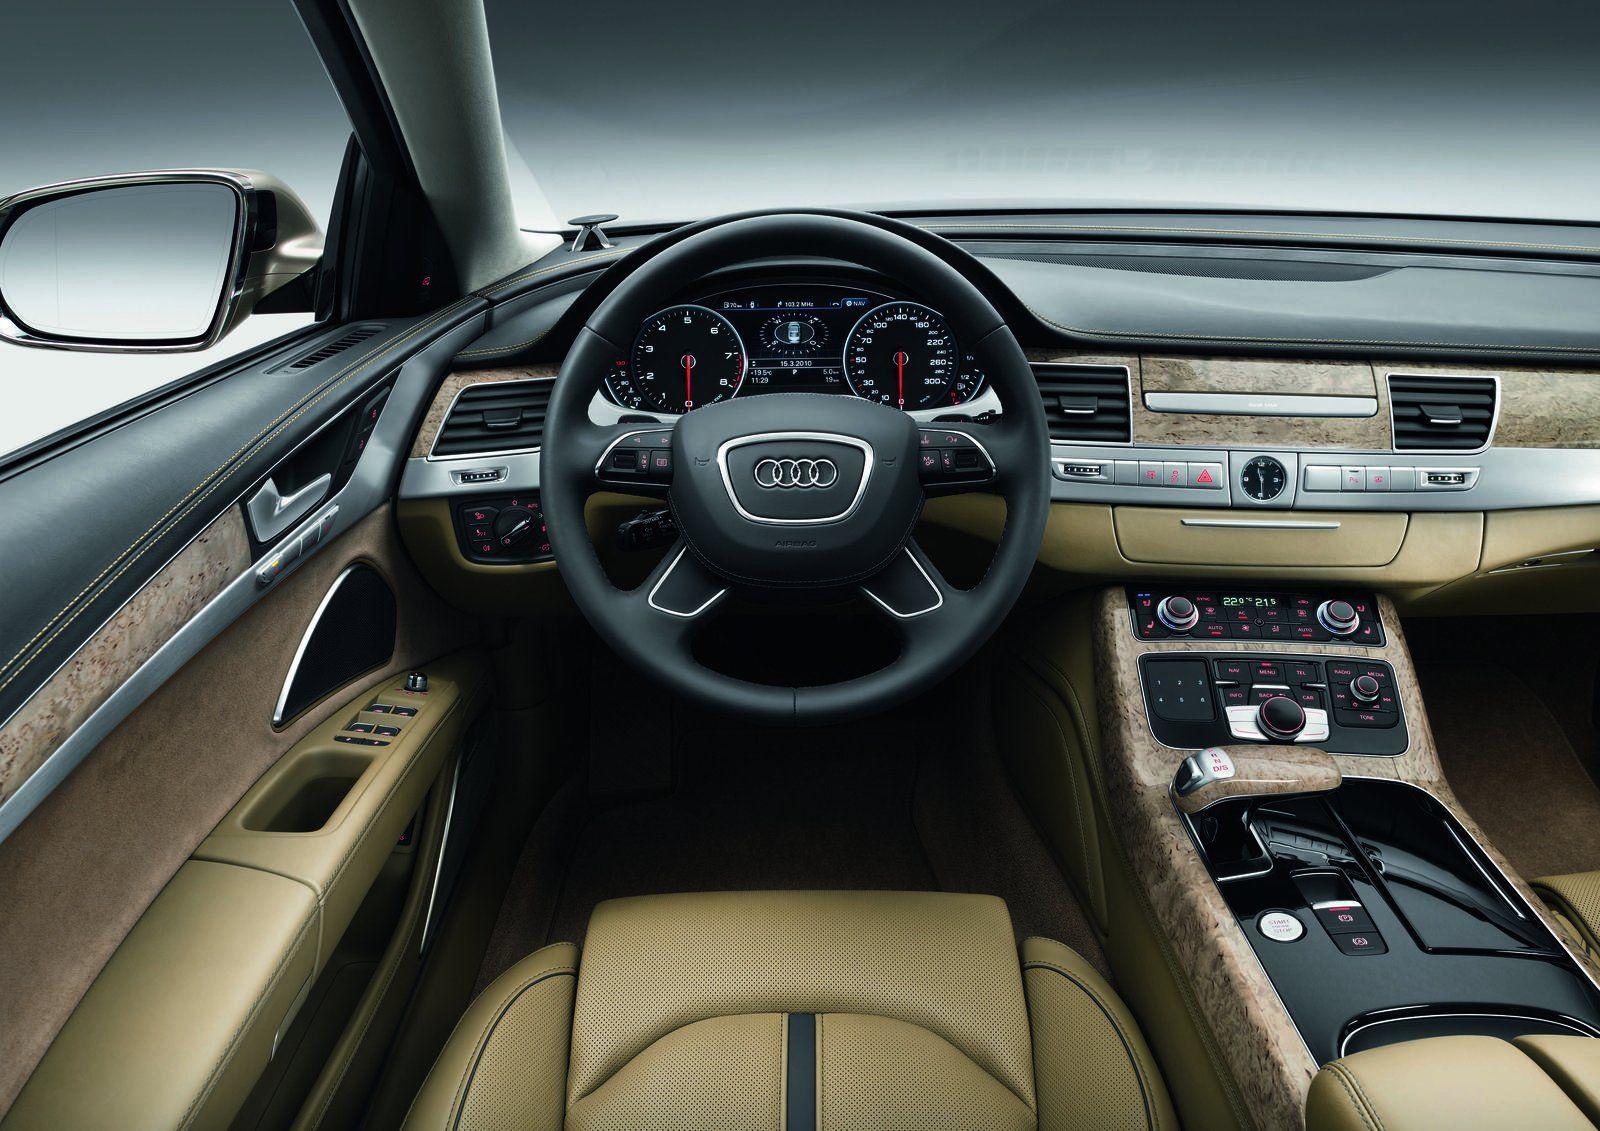 Audi A8 W12 photos #4 on Better Parts LTD